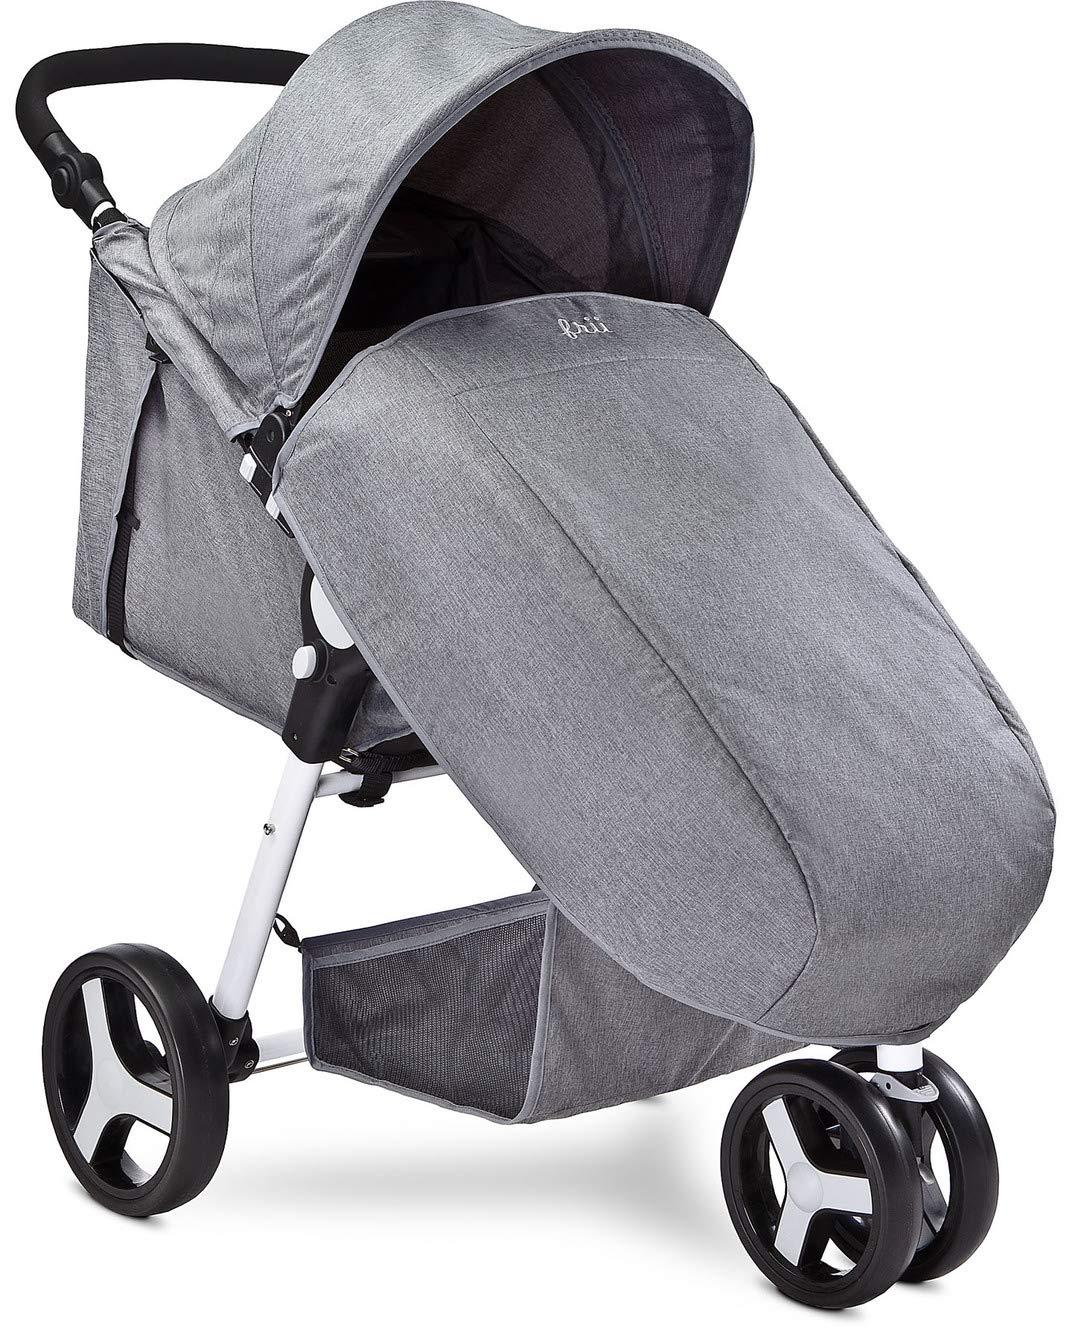 Cochecito de beb/é TERO-581 Frii color gris